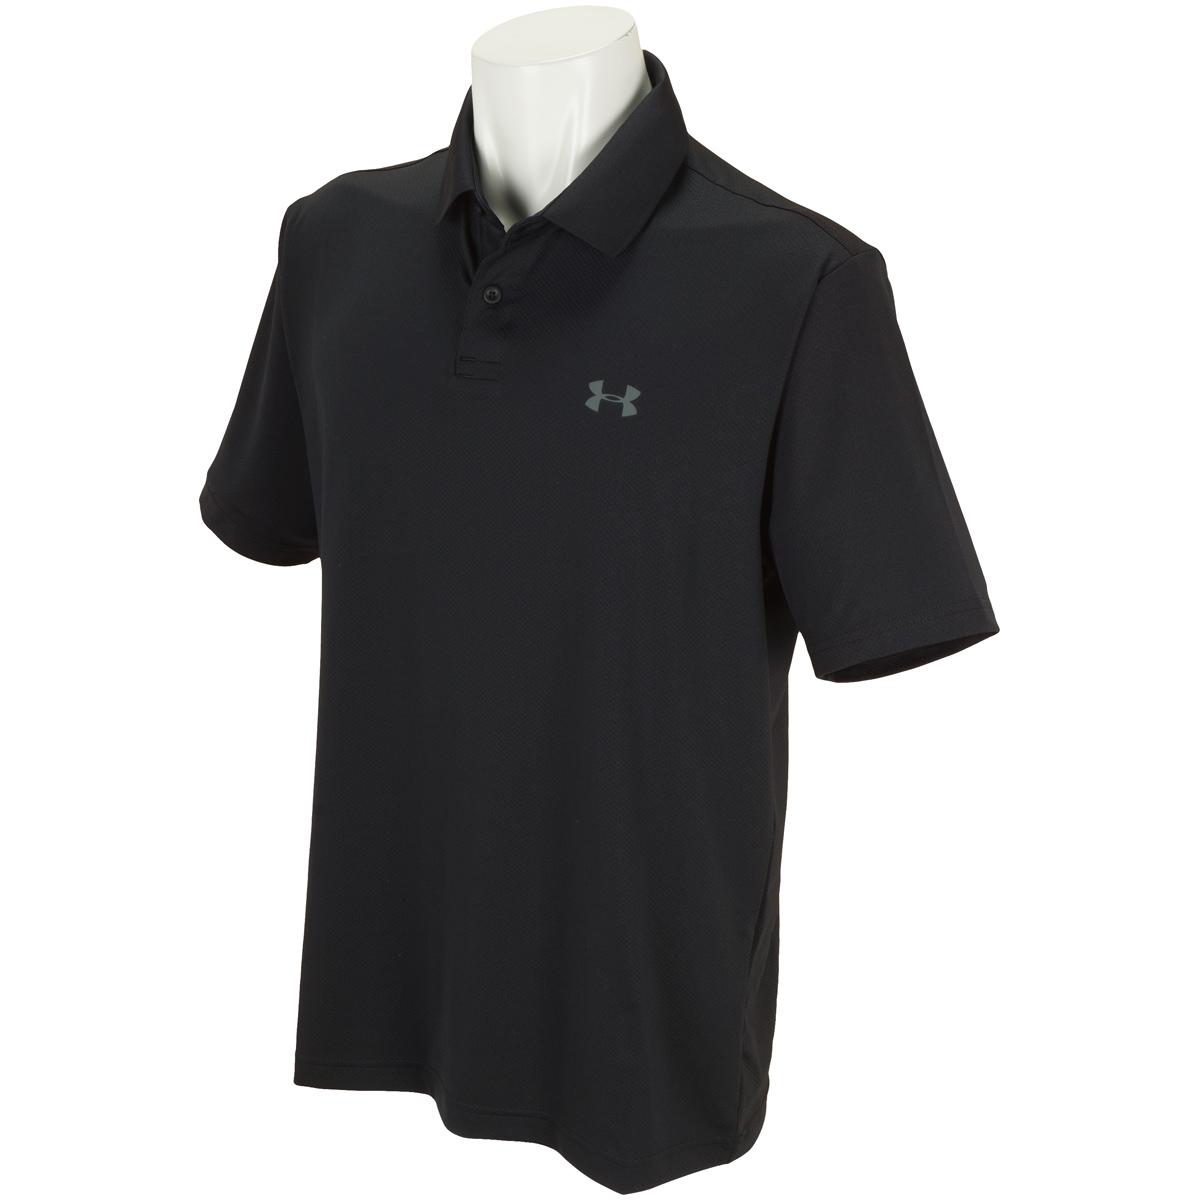 UA Performance 2.0 半袖ポロシャツ